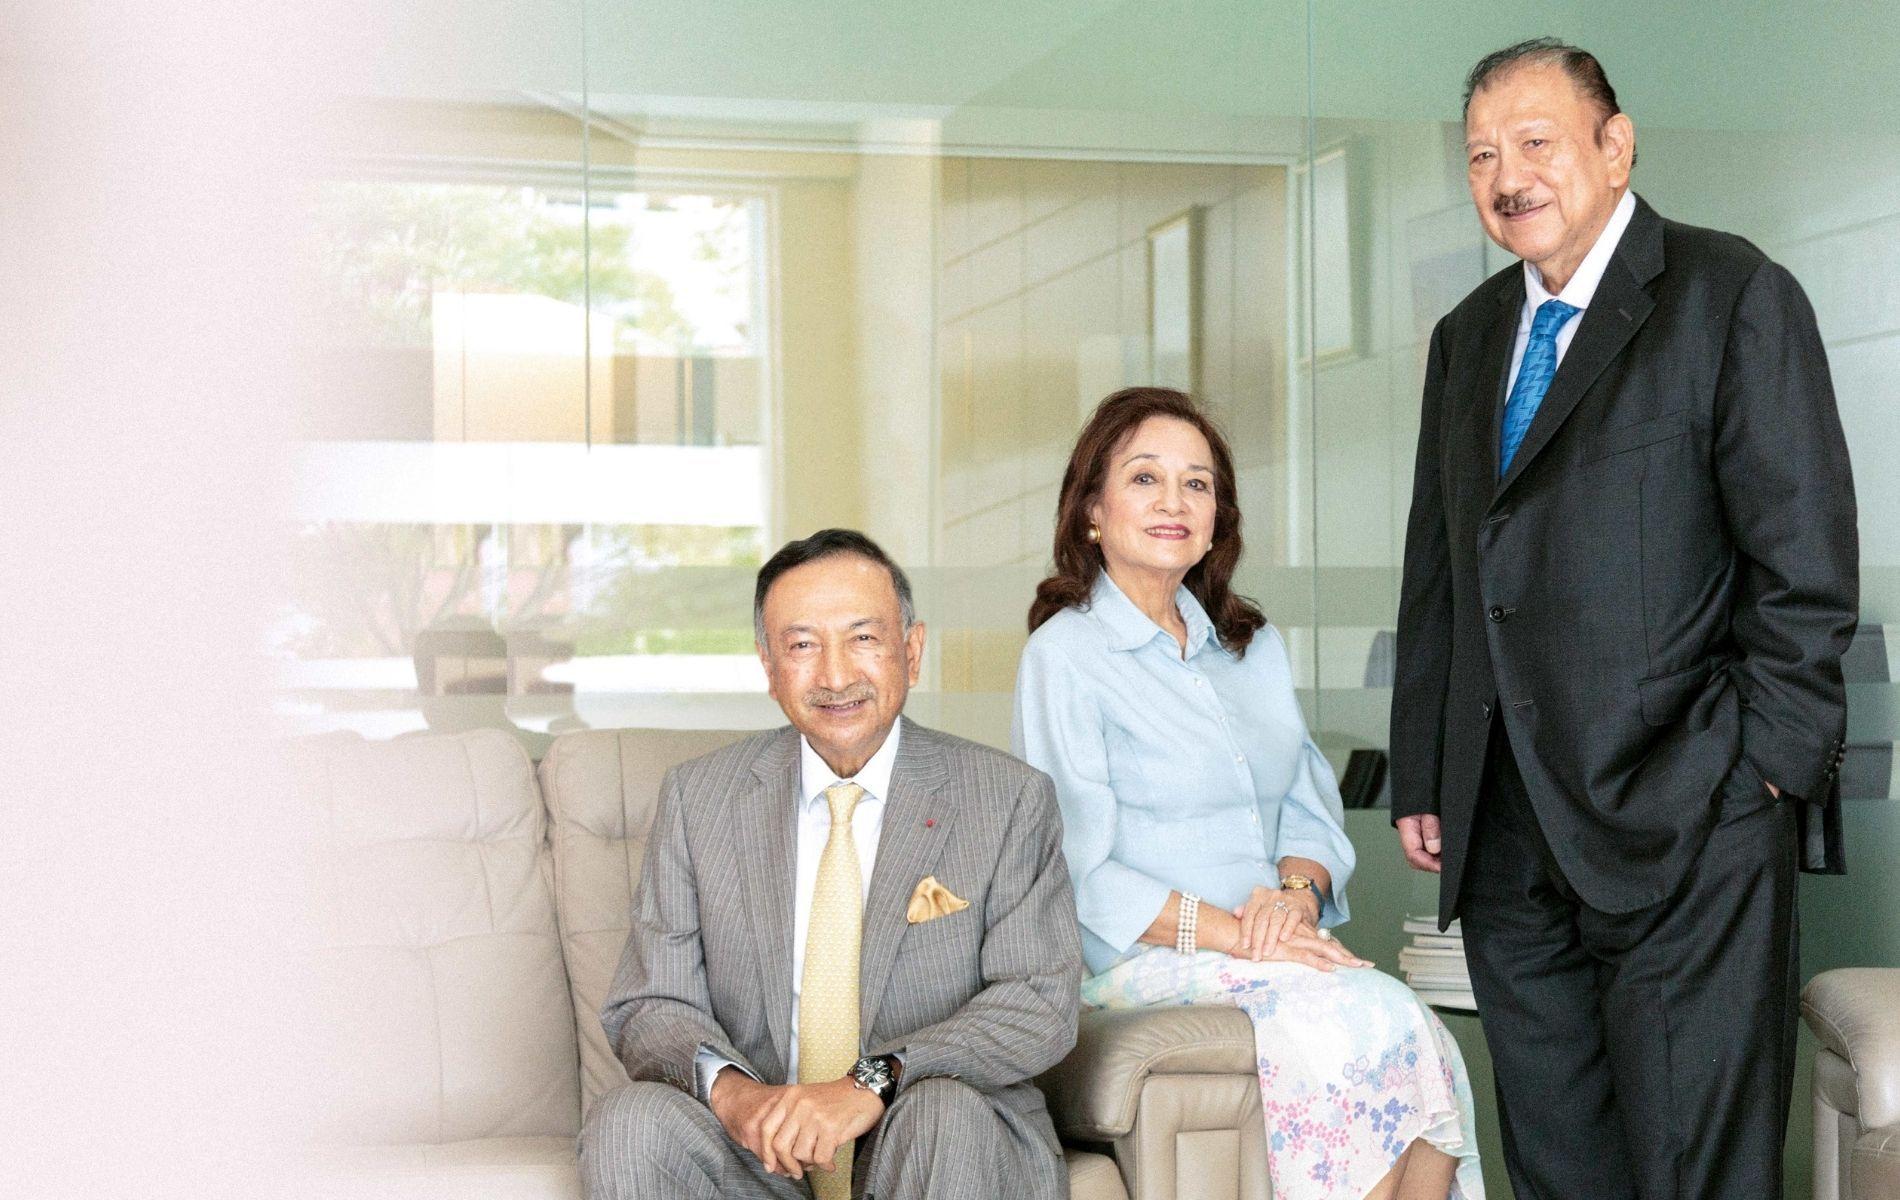 Tunku Dato' Seri Utama Naquiyuddin, Tunku Dara Tunku Tan Sri Naquiah and Tunku Tan Sri Imran